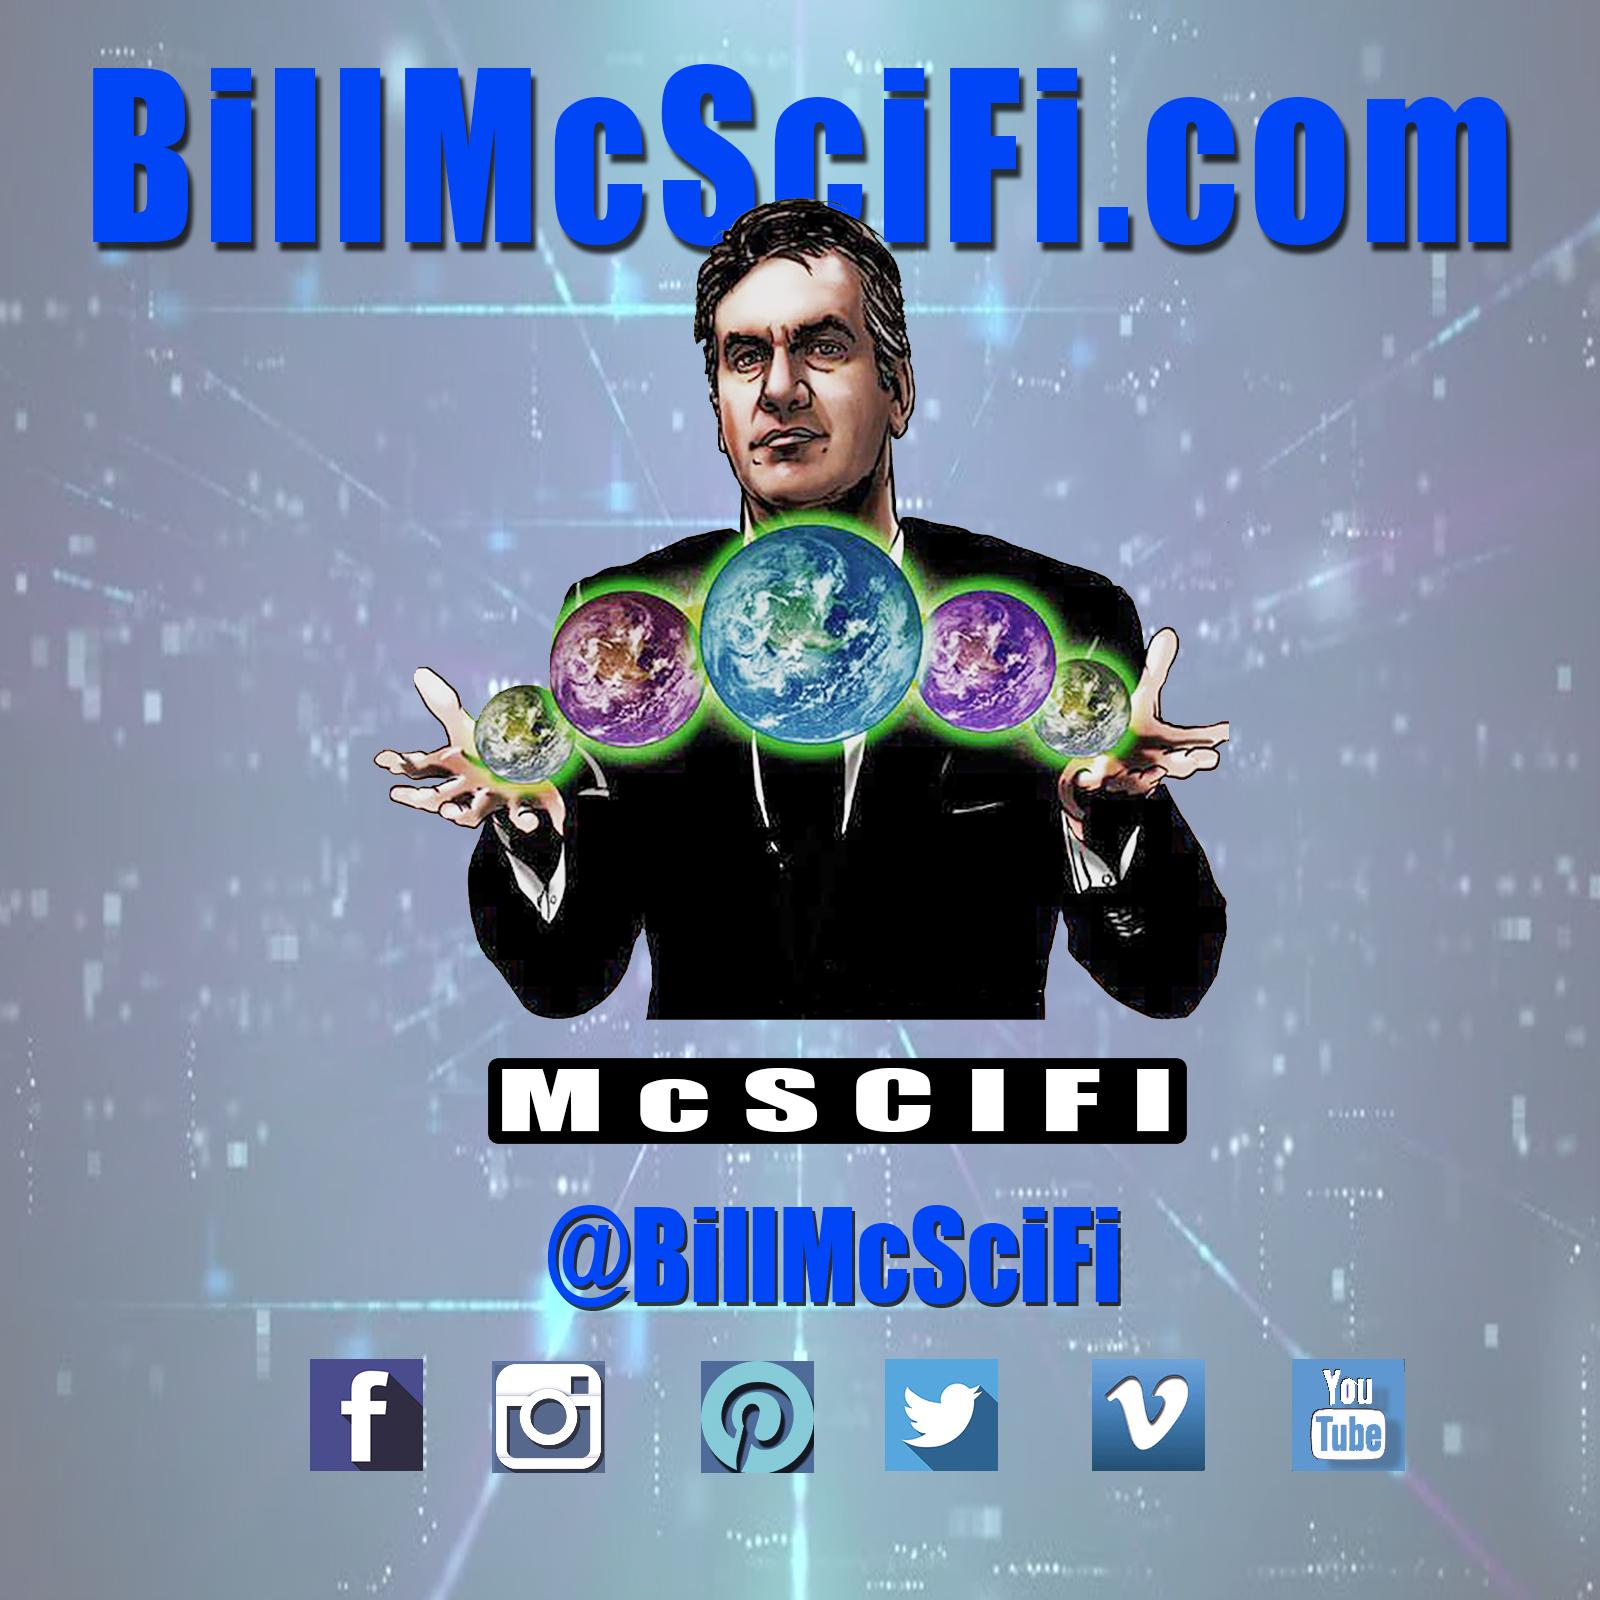 Bill McSciFi